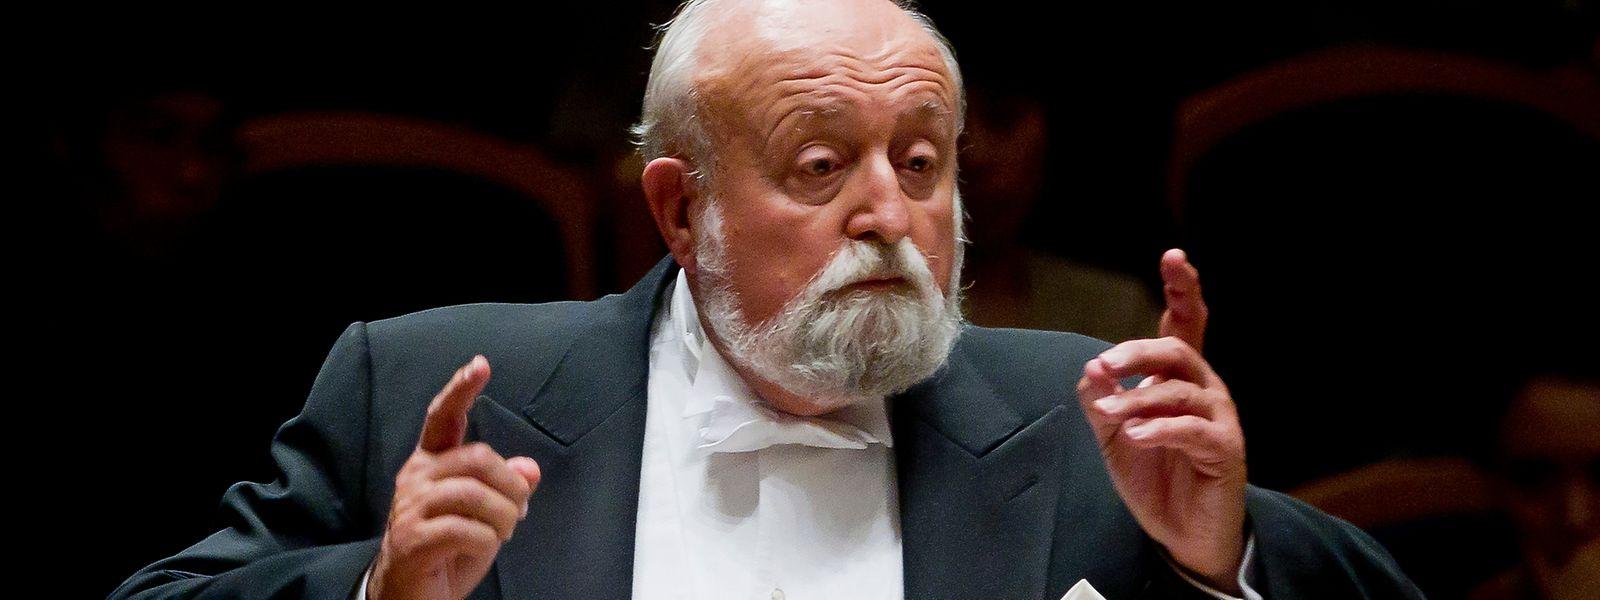 Der polnische Komponist Krzysztof Penderecki dirigiert 2011 das chinesische Symphonieorchester.